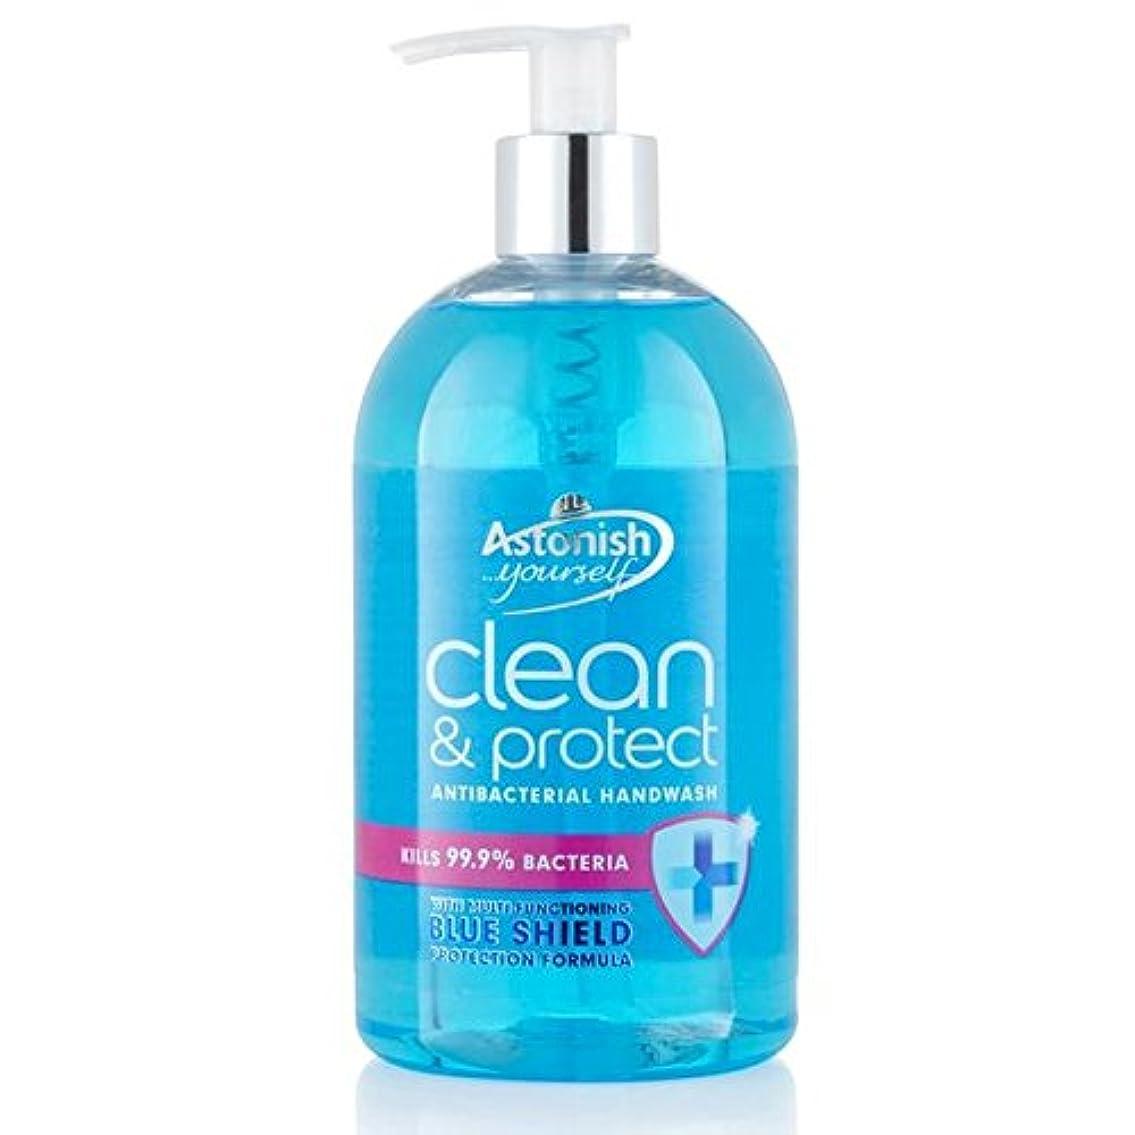 有罪地理確かなクリーン驚か&ハンドウォッシュ500ミリリットルを保護 x4 - Astonish Clean & Protect Hand Wash 500ml (Pack of 4) [並行輸入品]